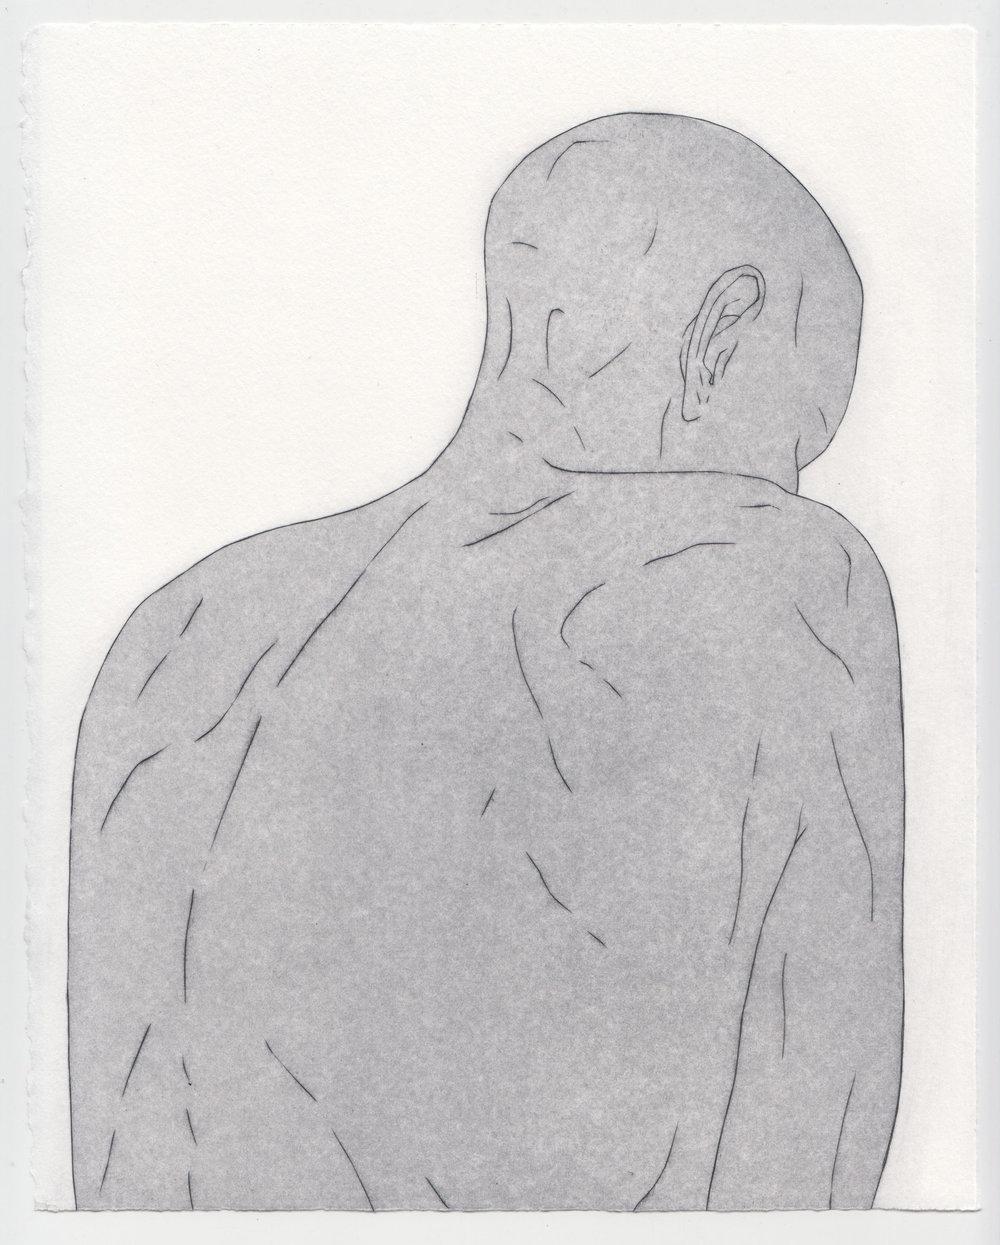 Lost Profile, II